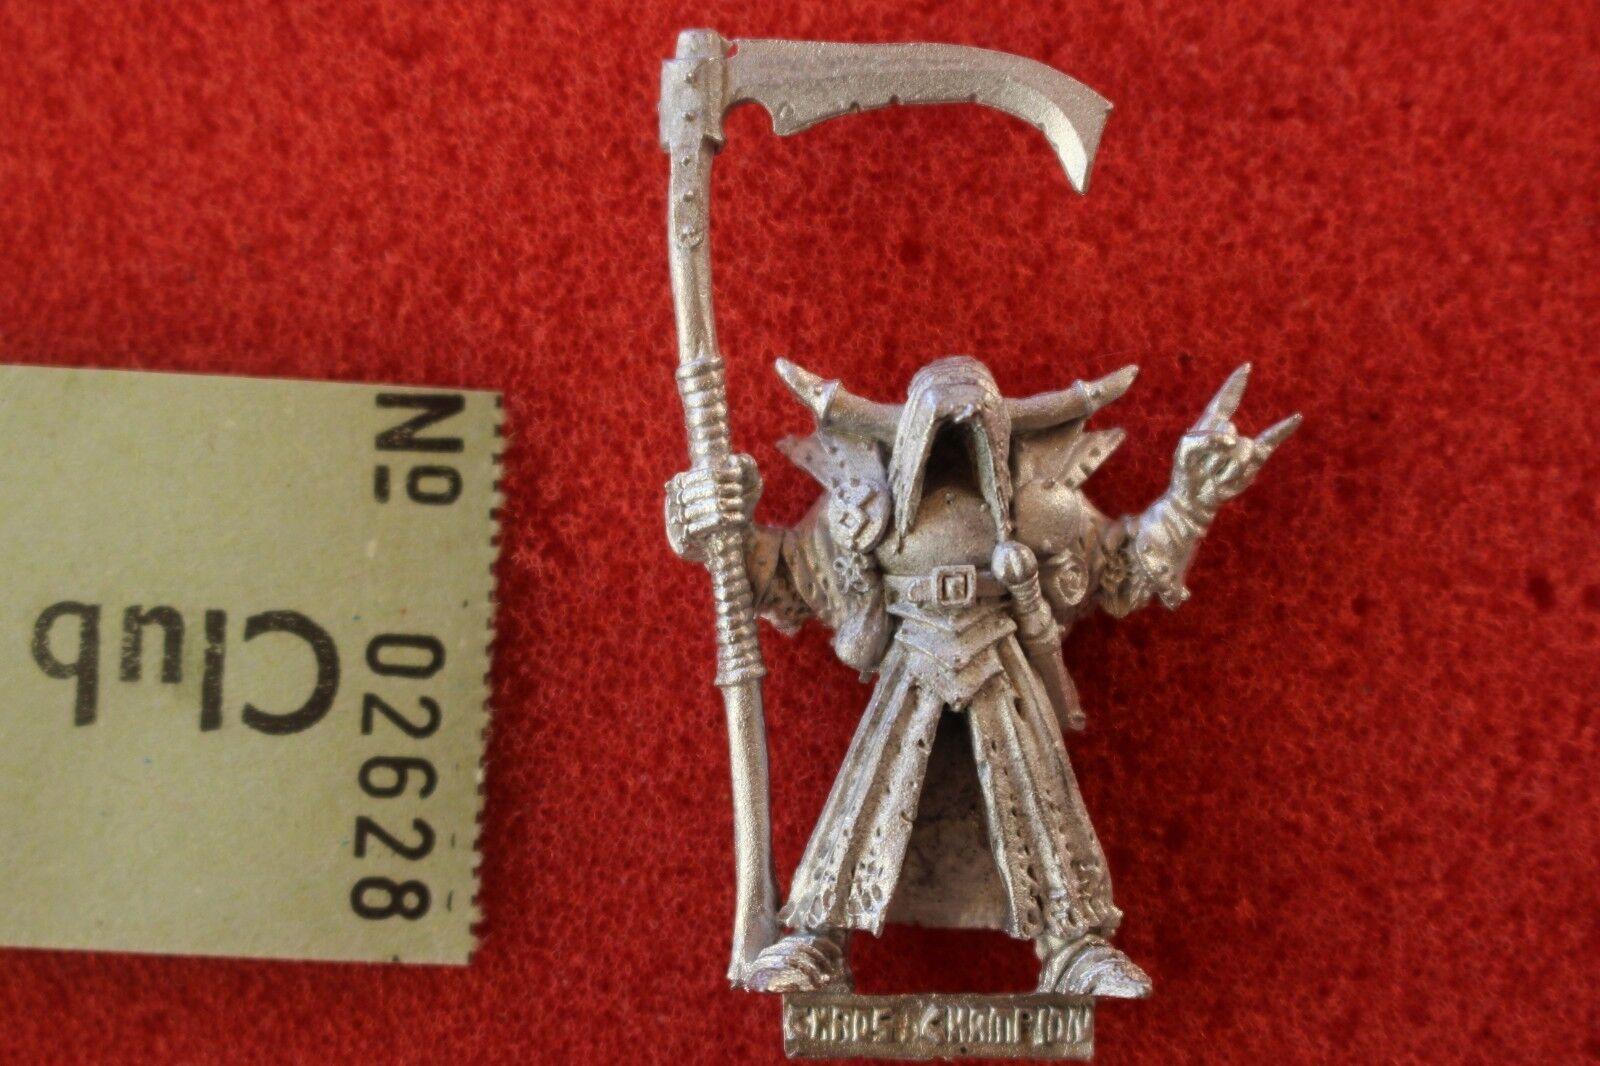 Games workshop warhammer chaos zauberer champion nurgle mit sycthe und metall